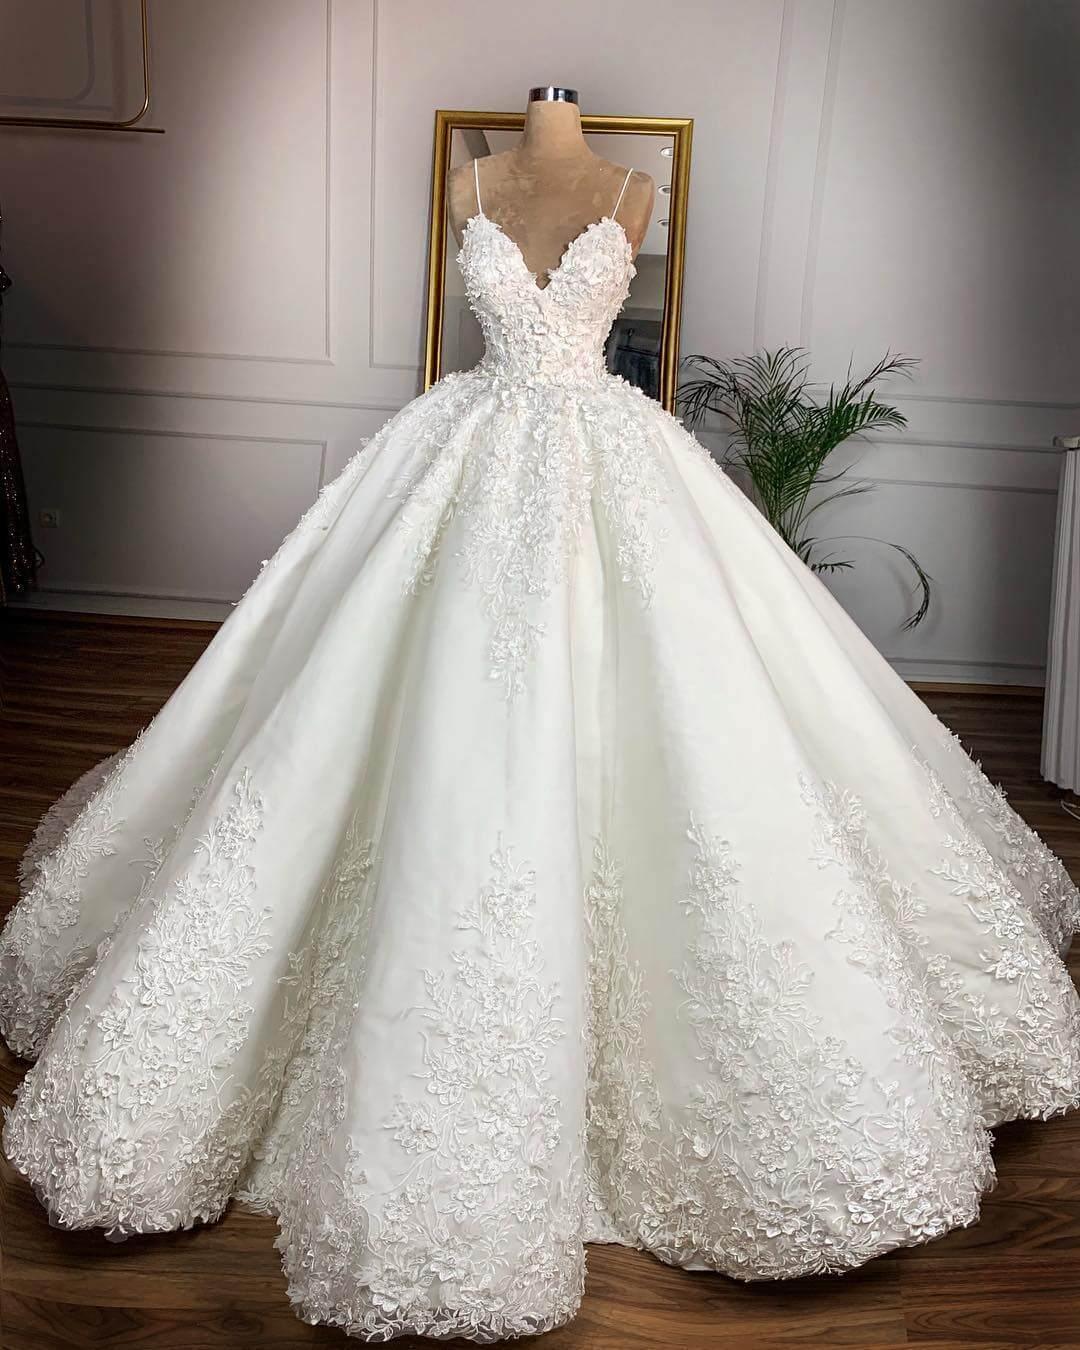 مستقبل بالخط العريض نباتي تفسير لبس فستان الزفاف للحامل Outofstepwineco Com